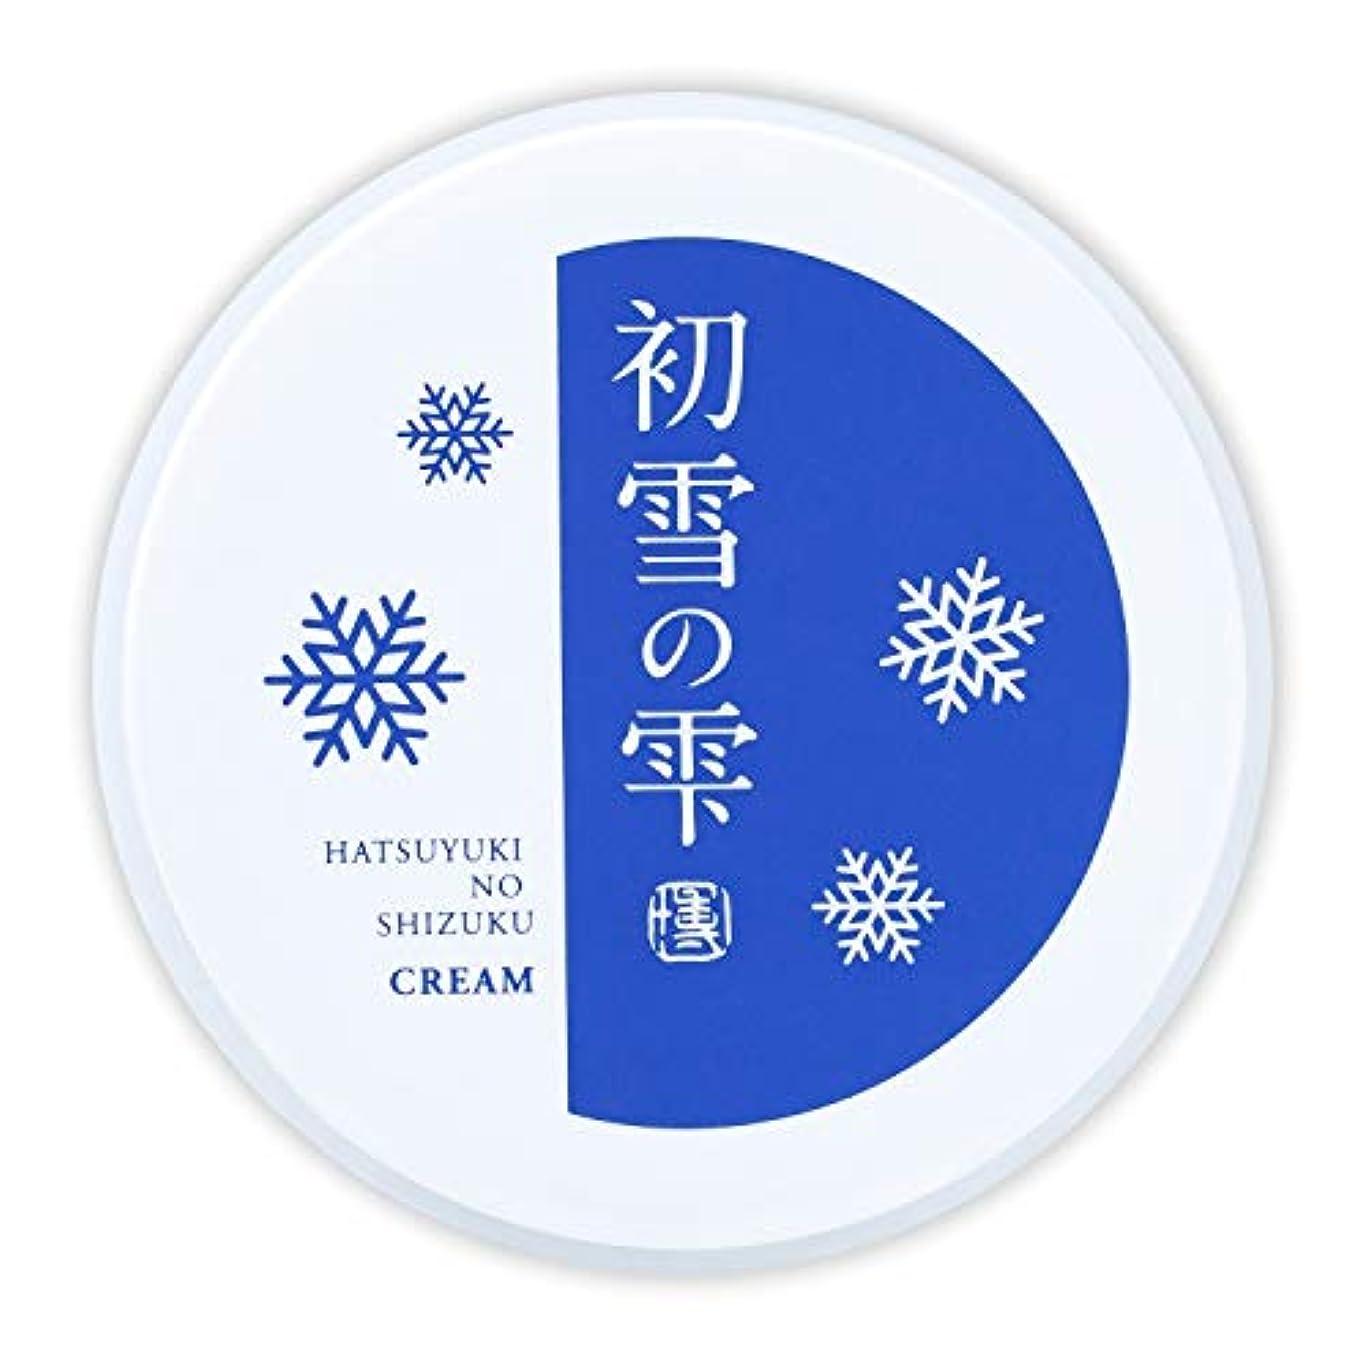 アーサーコナンドイルキラウエア山モチーフ初雪の雫 オールインワン 保湿 クリーム 27g 約2週間分 [プラセンタ ヒアルロン酸 セラミド アルブチン ビタミンC ]